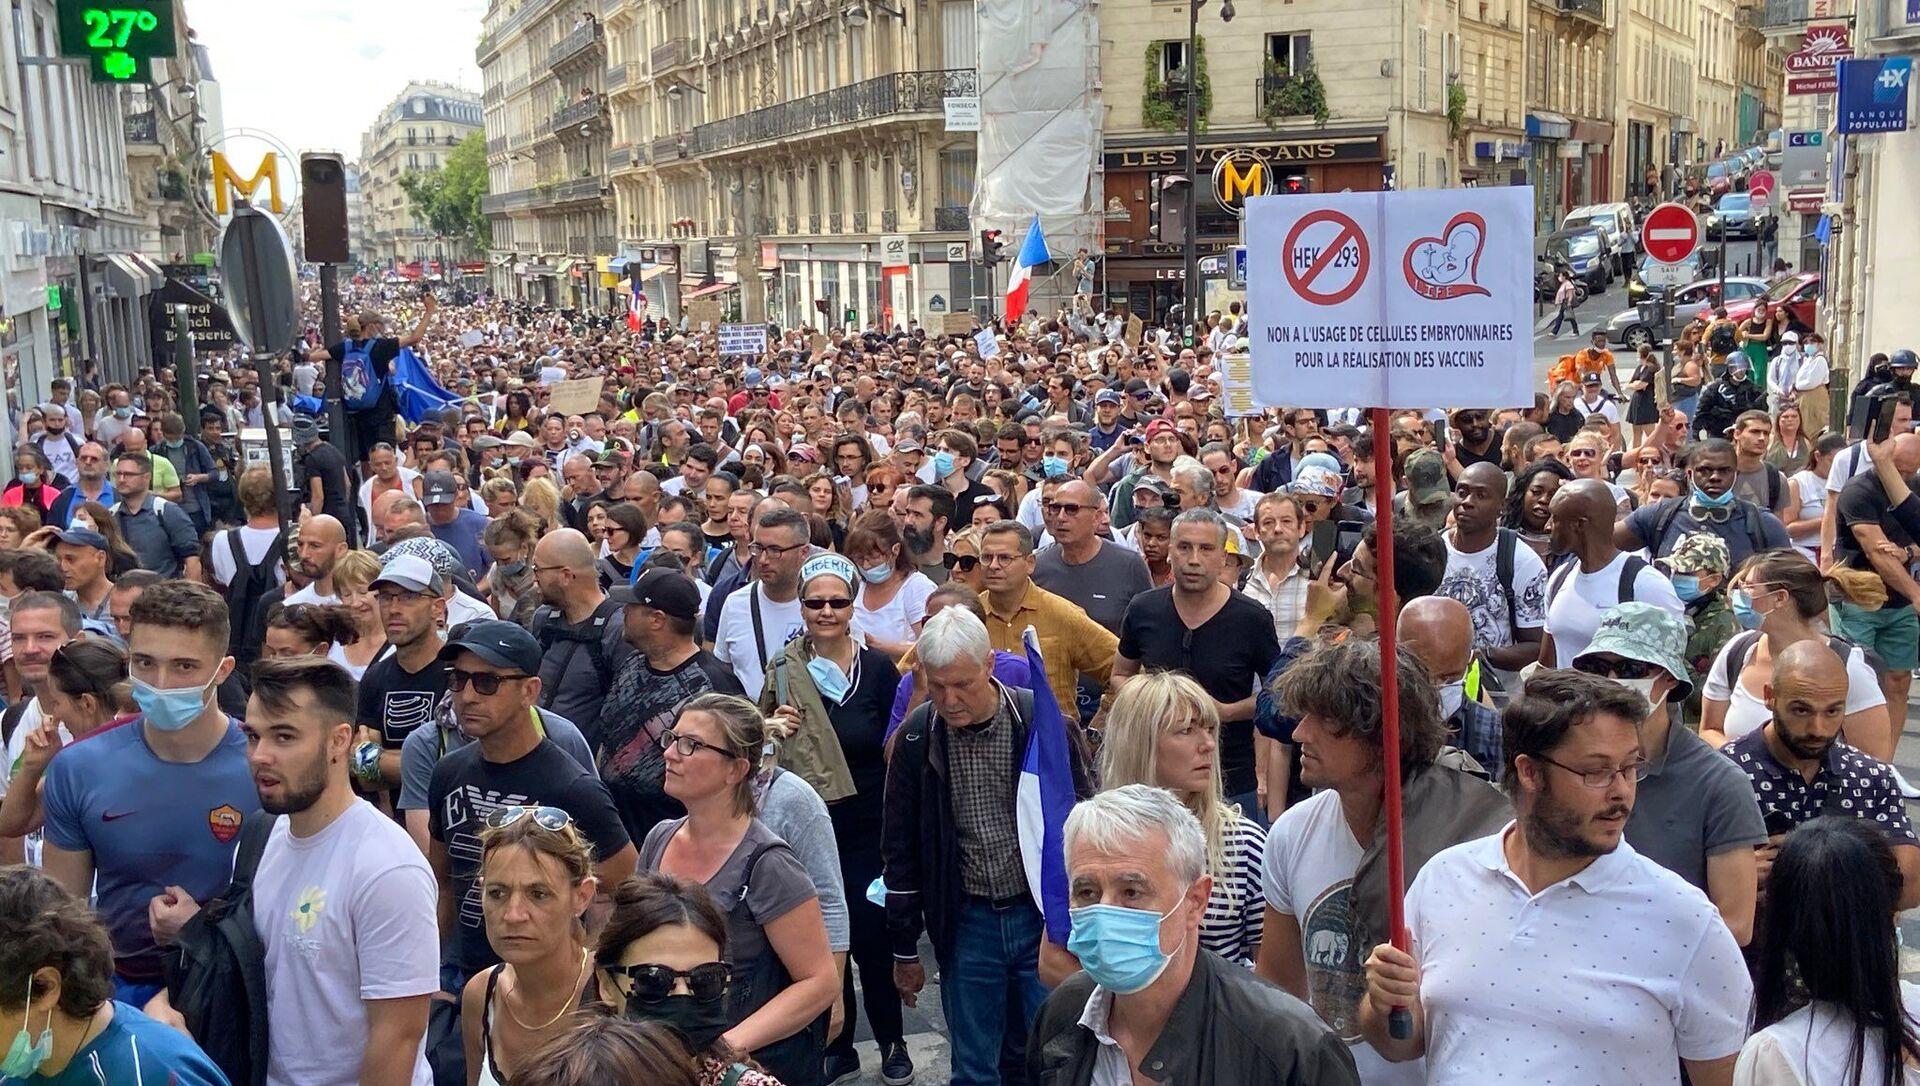 Manifestation contre le pass sanitaire à Paris, le 31 juillet 2021 - Sputnik France, 1920, 06.08.2021